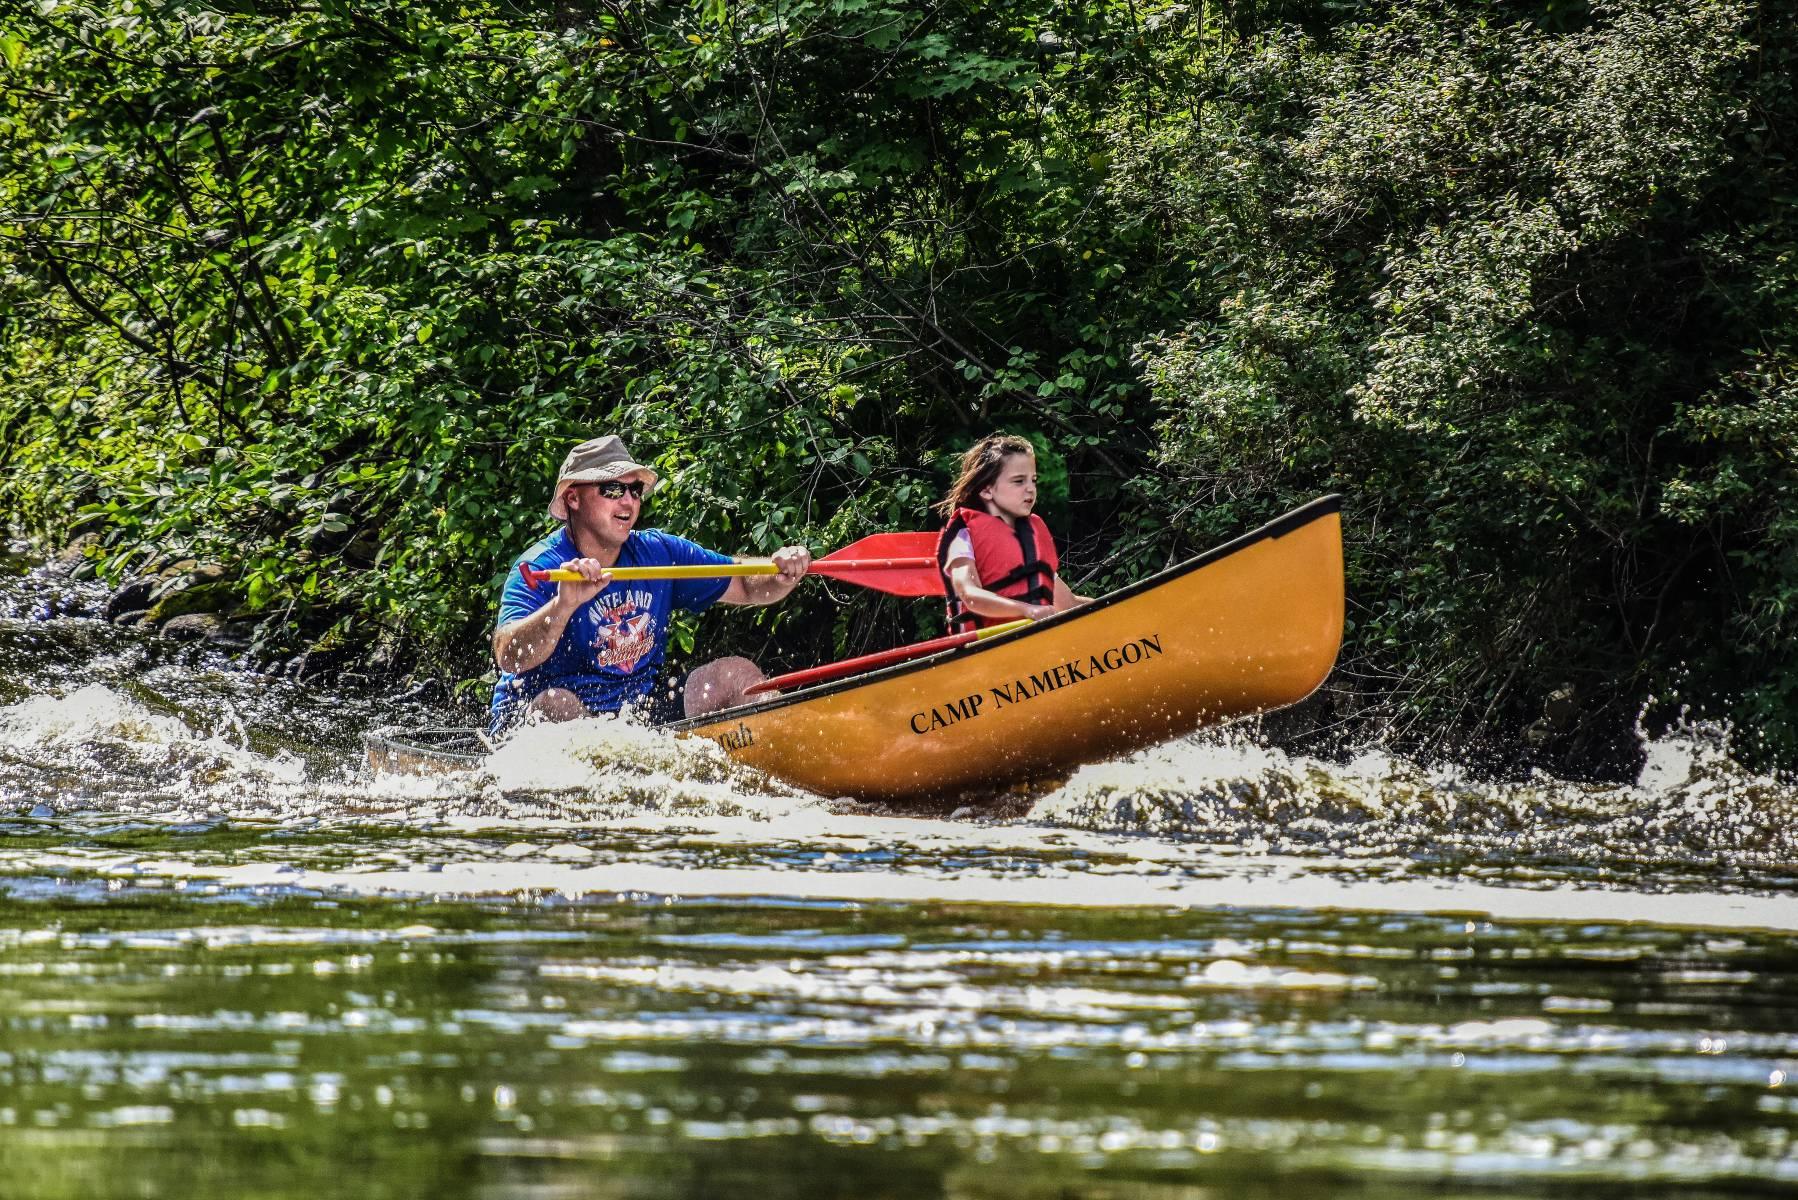 Cumberland River Paddle Trail - Lake Cumberland, Kentucky